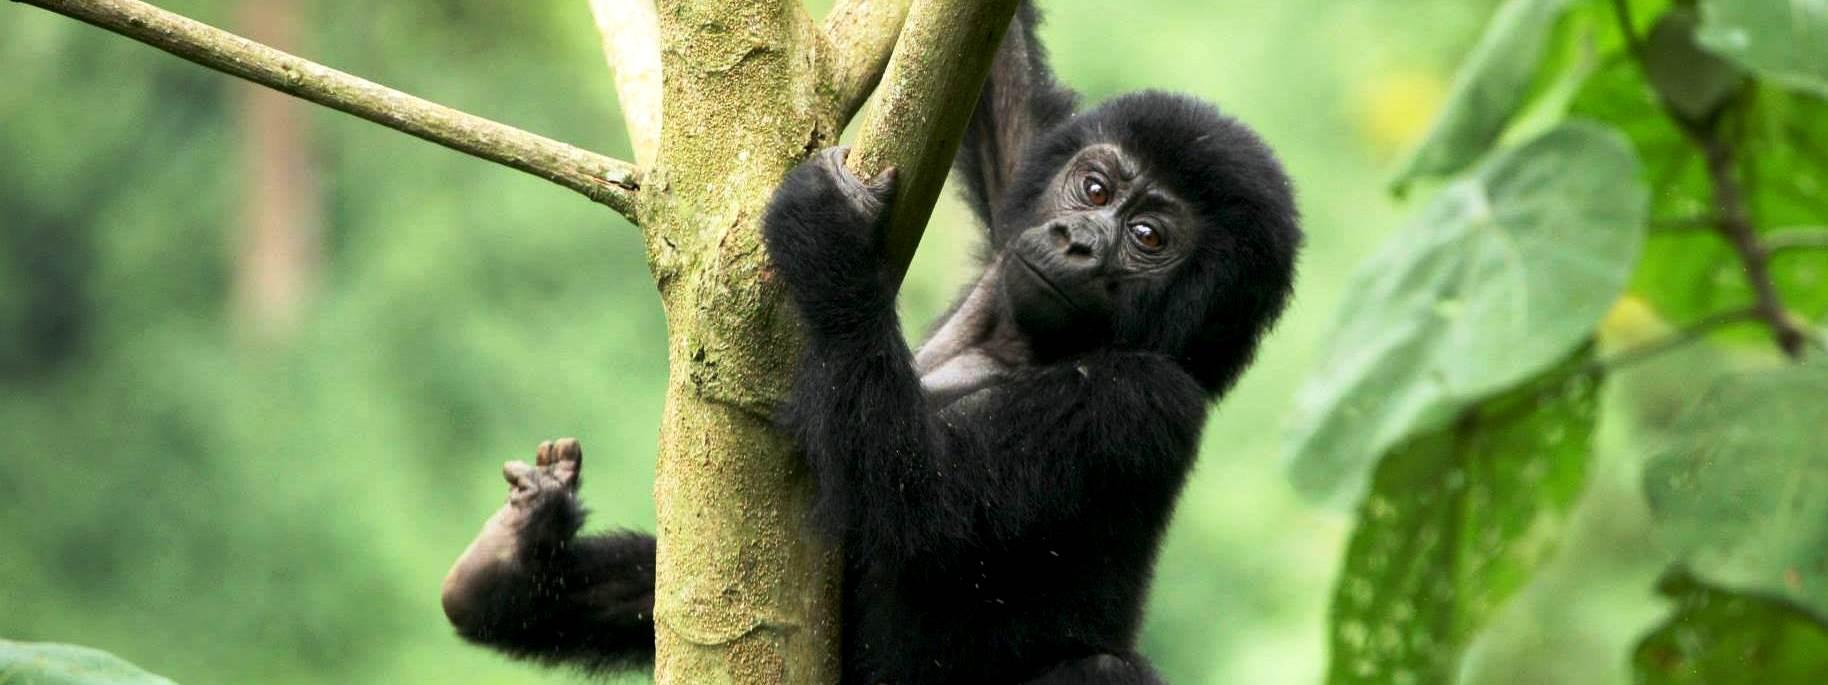 Gorilla trekking package rates – Mutanda Lake Resort Uganda - Close to bwindi, virunga, mgahinga